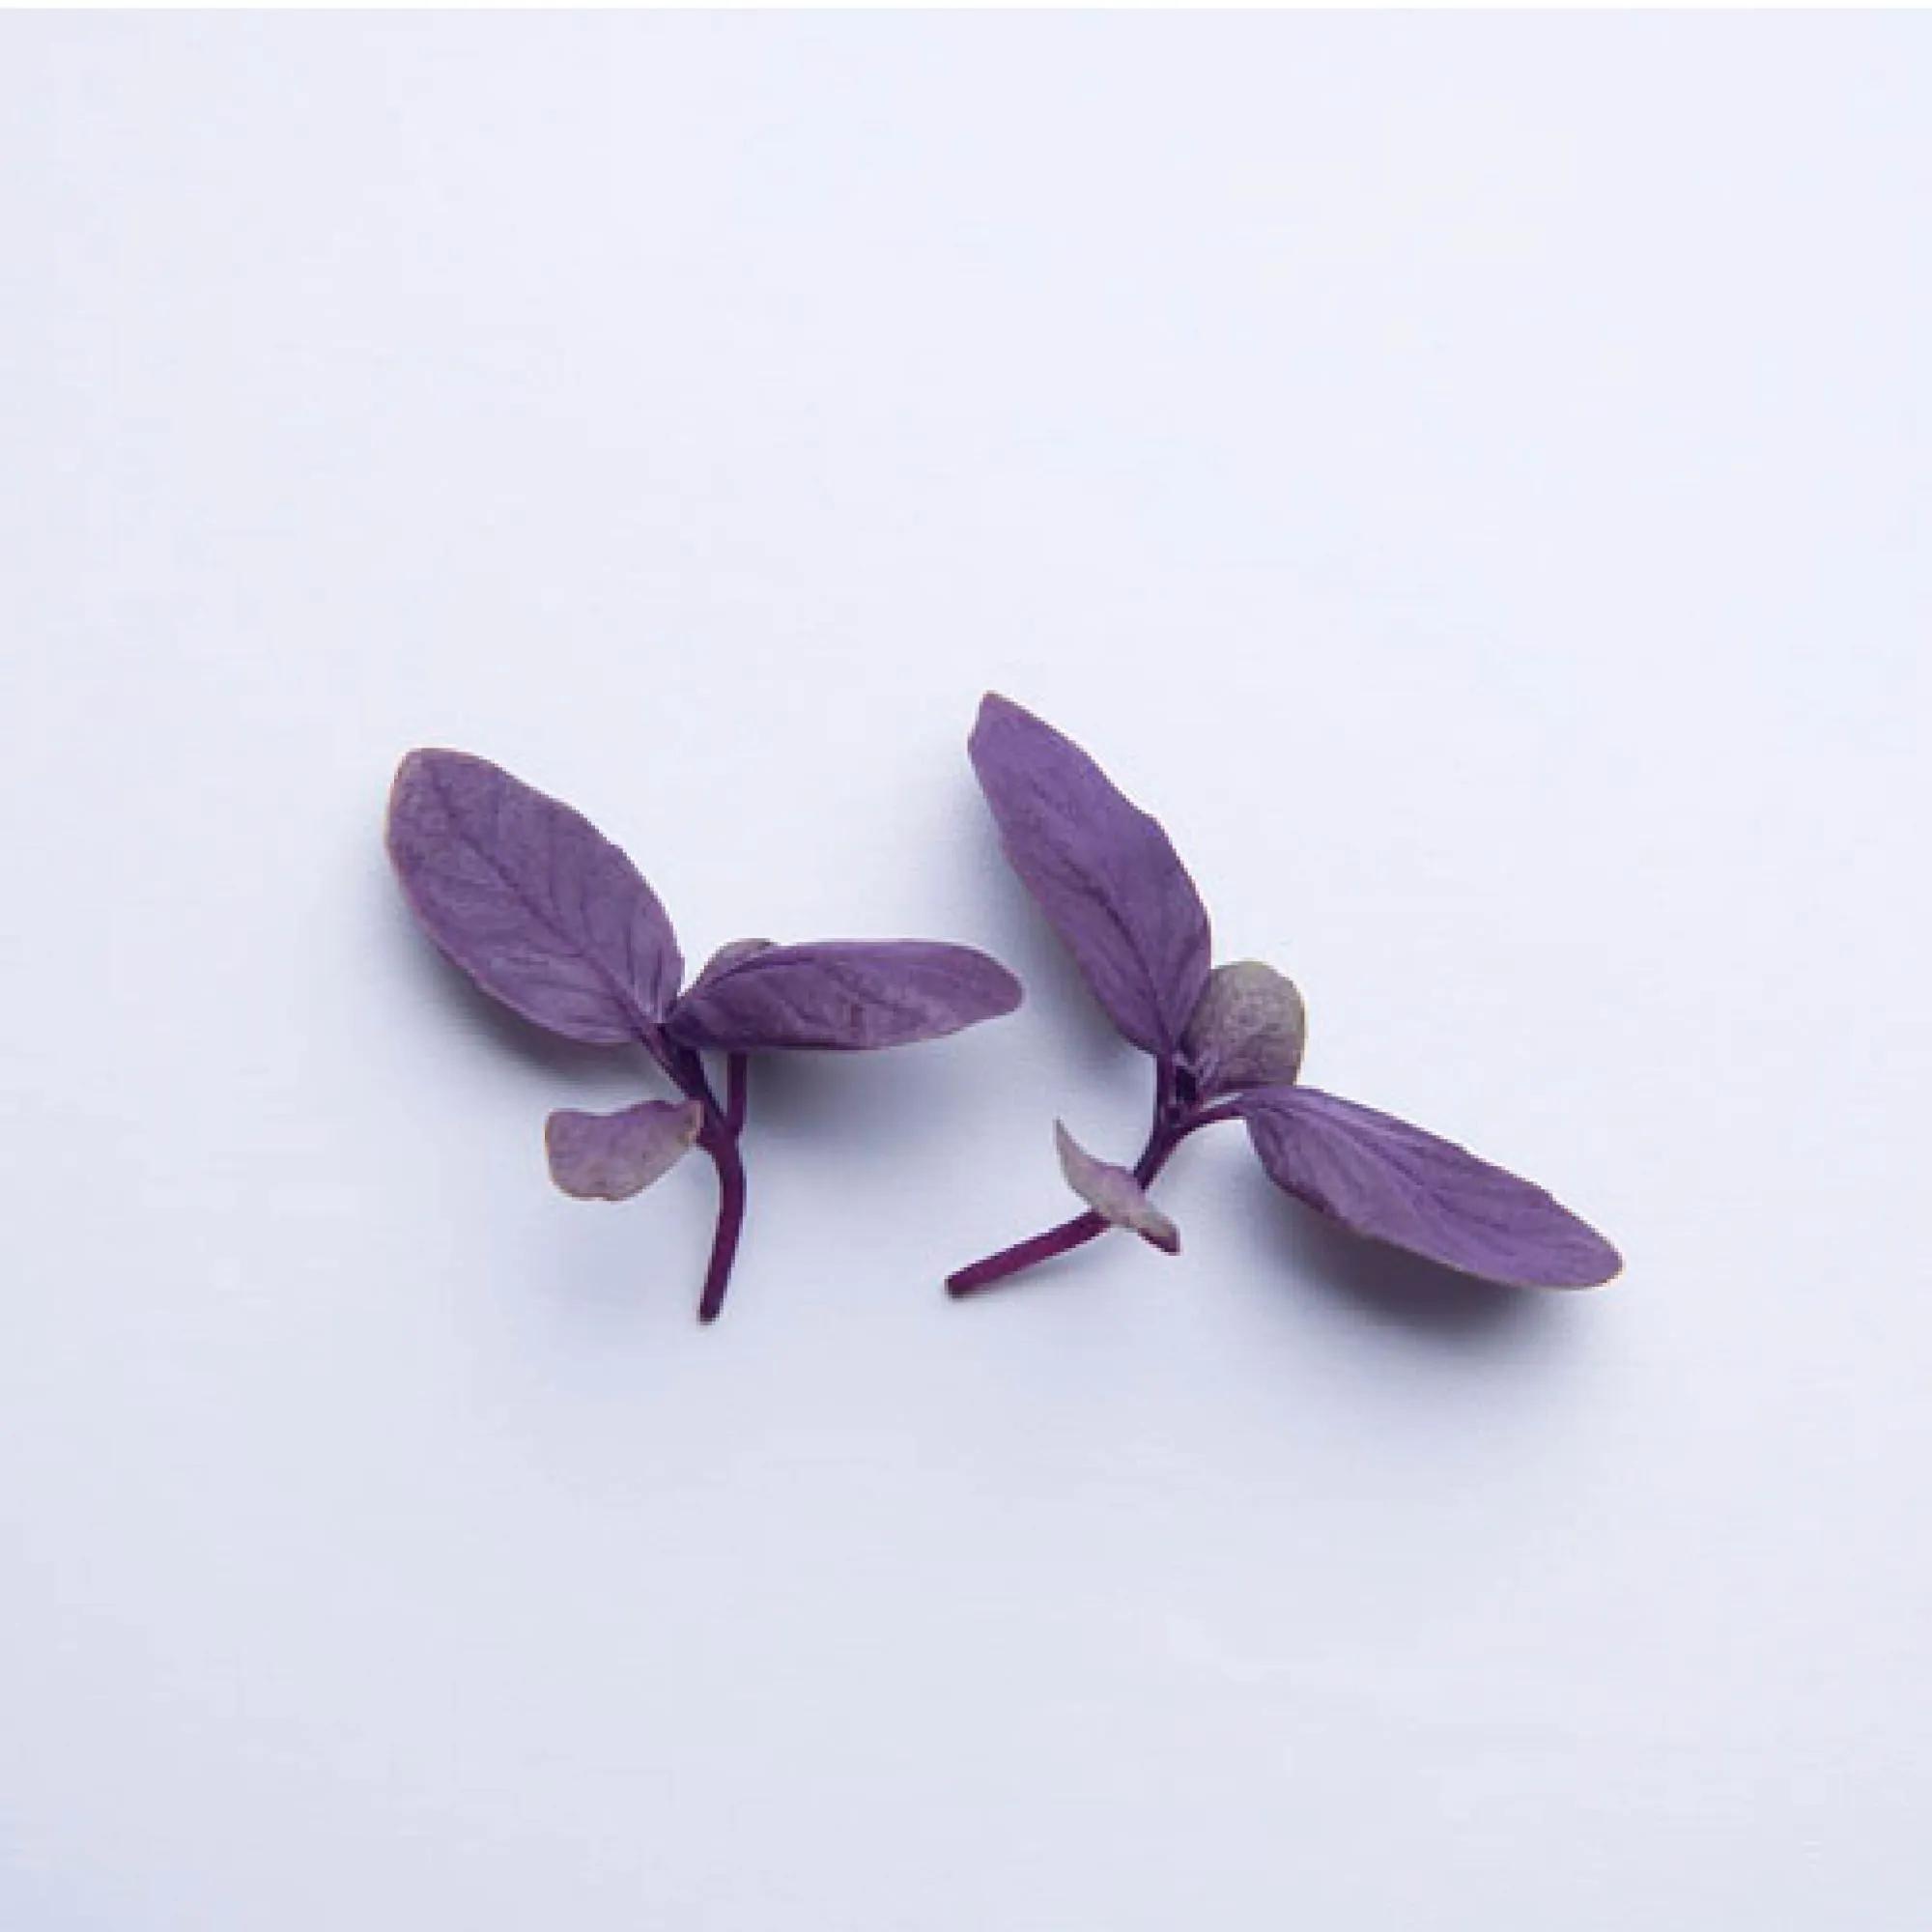 Sementes para cultivar Manjericão Roxo baby Leaf em vasos autoirrigáveis RAIZ  - Vasos Raiz Loja Oficial